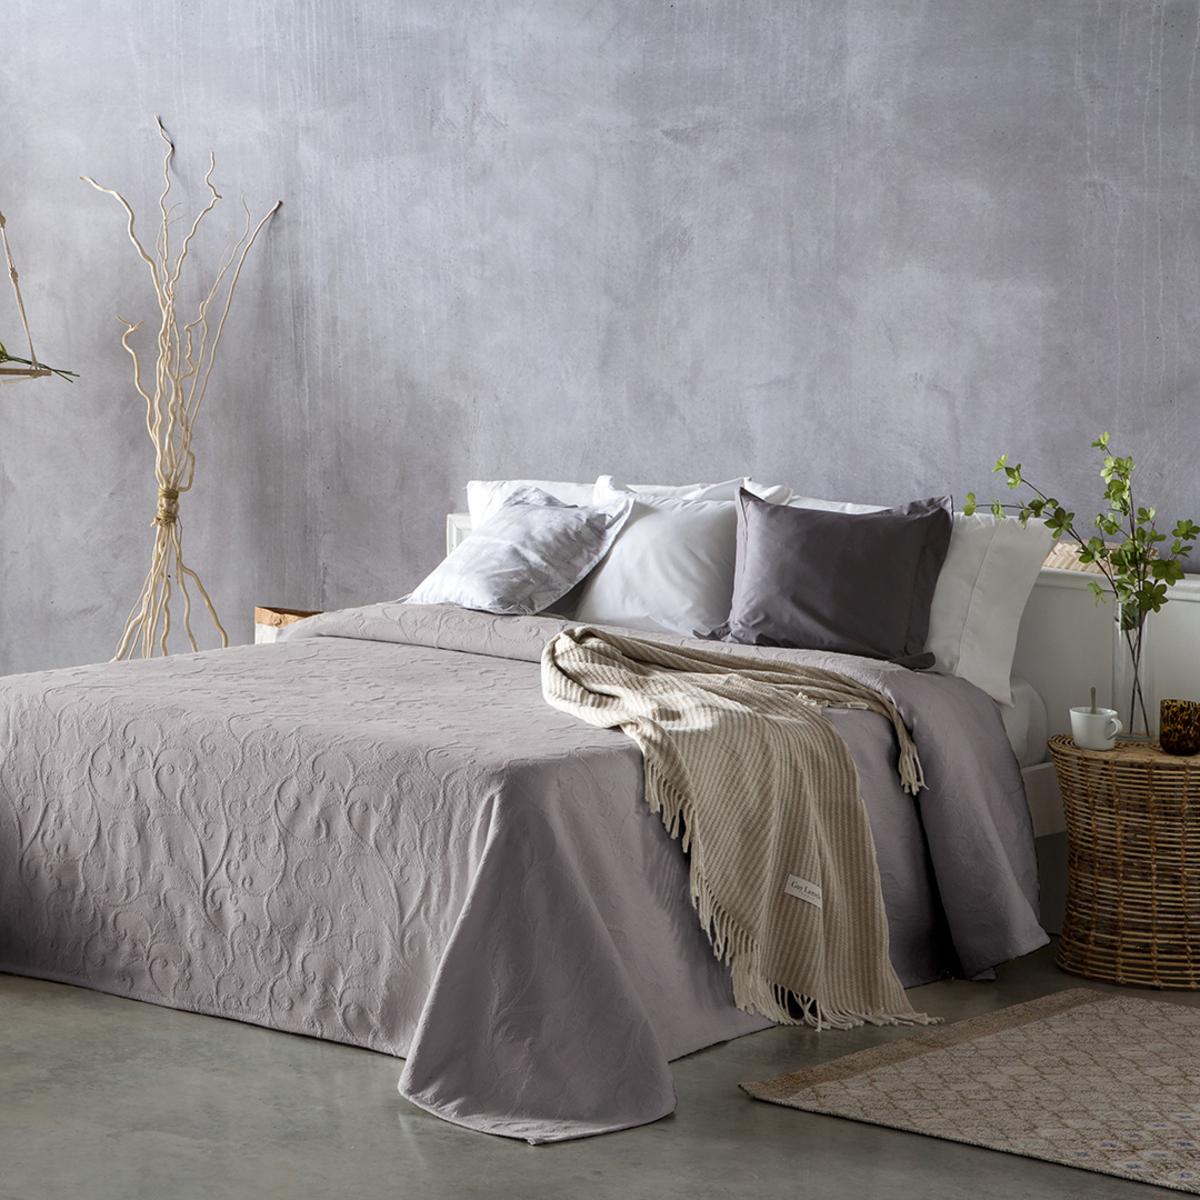 Couvre lit en coton gris 180x270